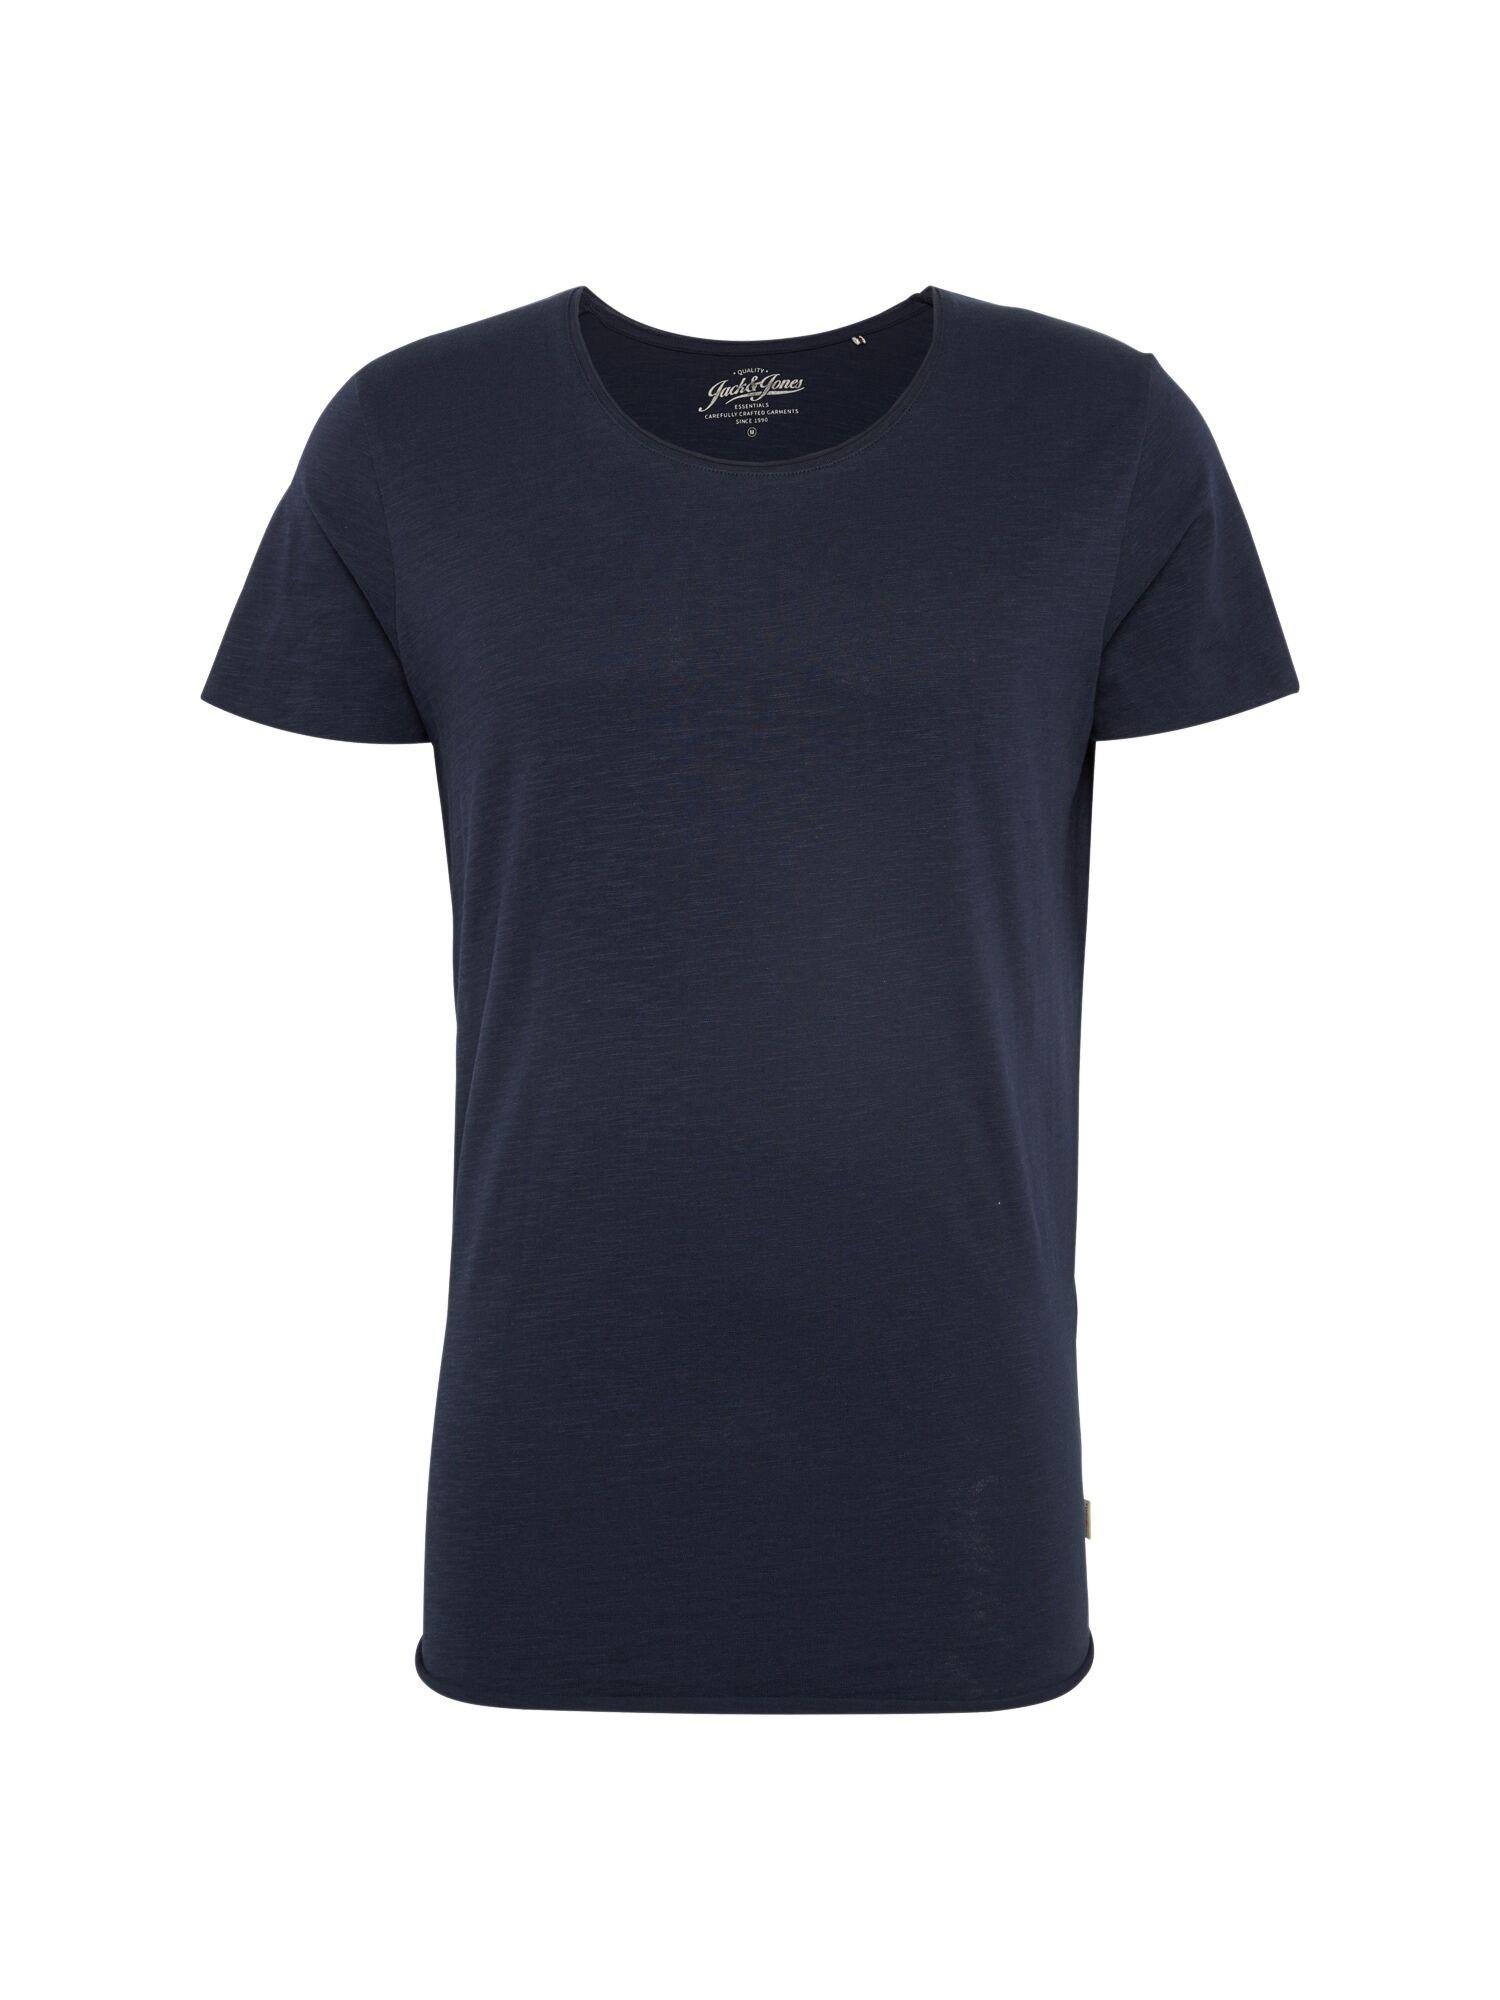 JACK & JONES T-Shirt  - Bleu - Taille: XL - male